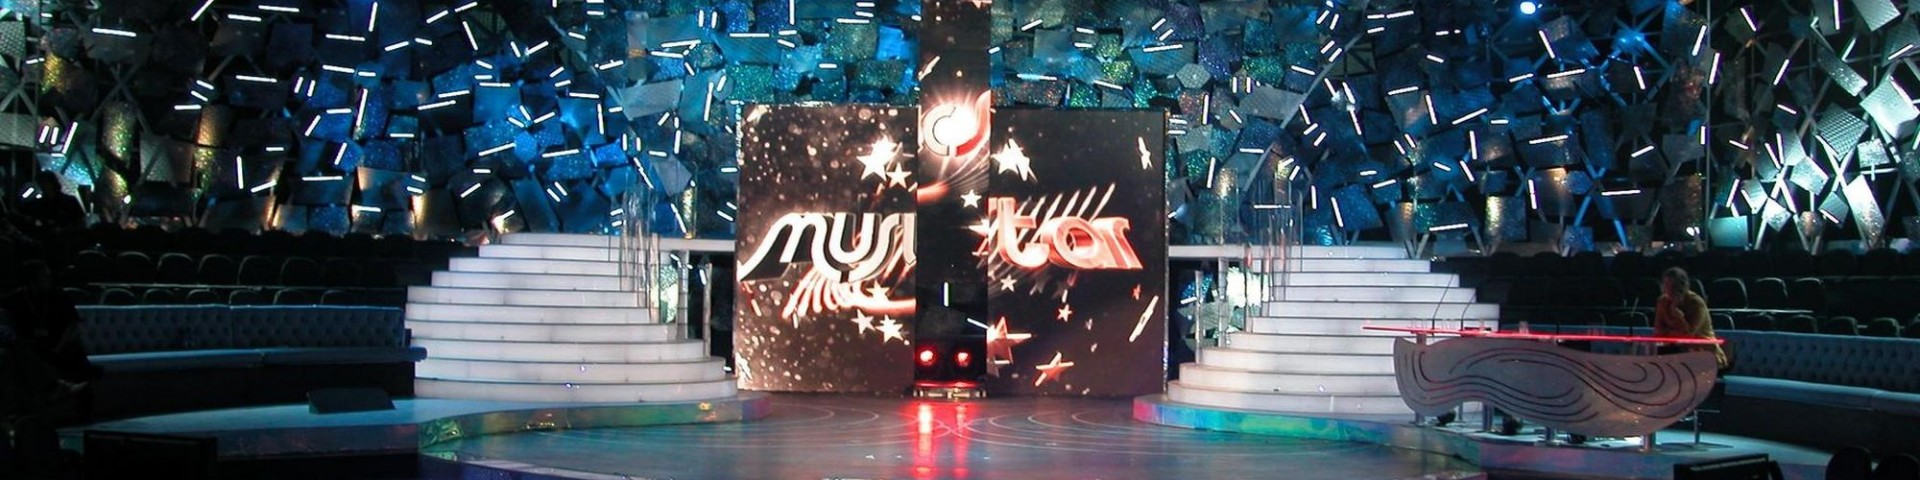 Music Farm 2019: il ritorno su Canale 5